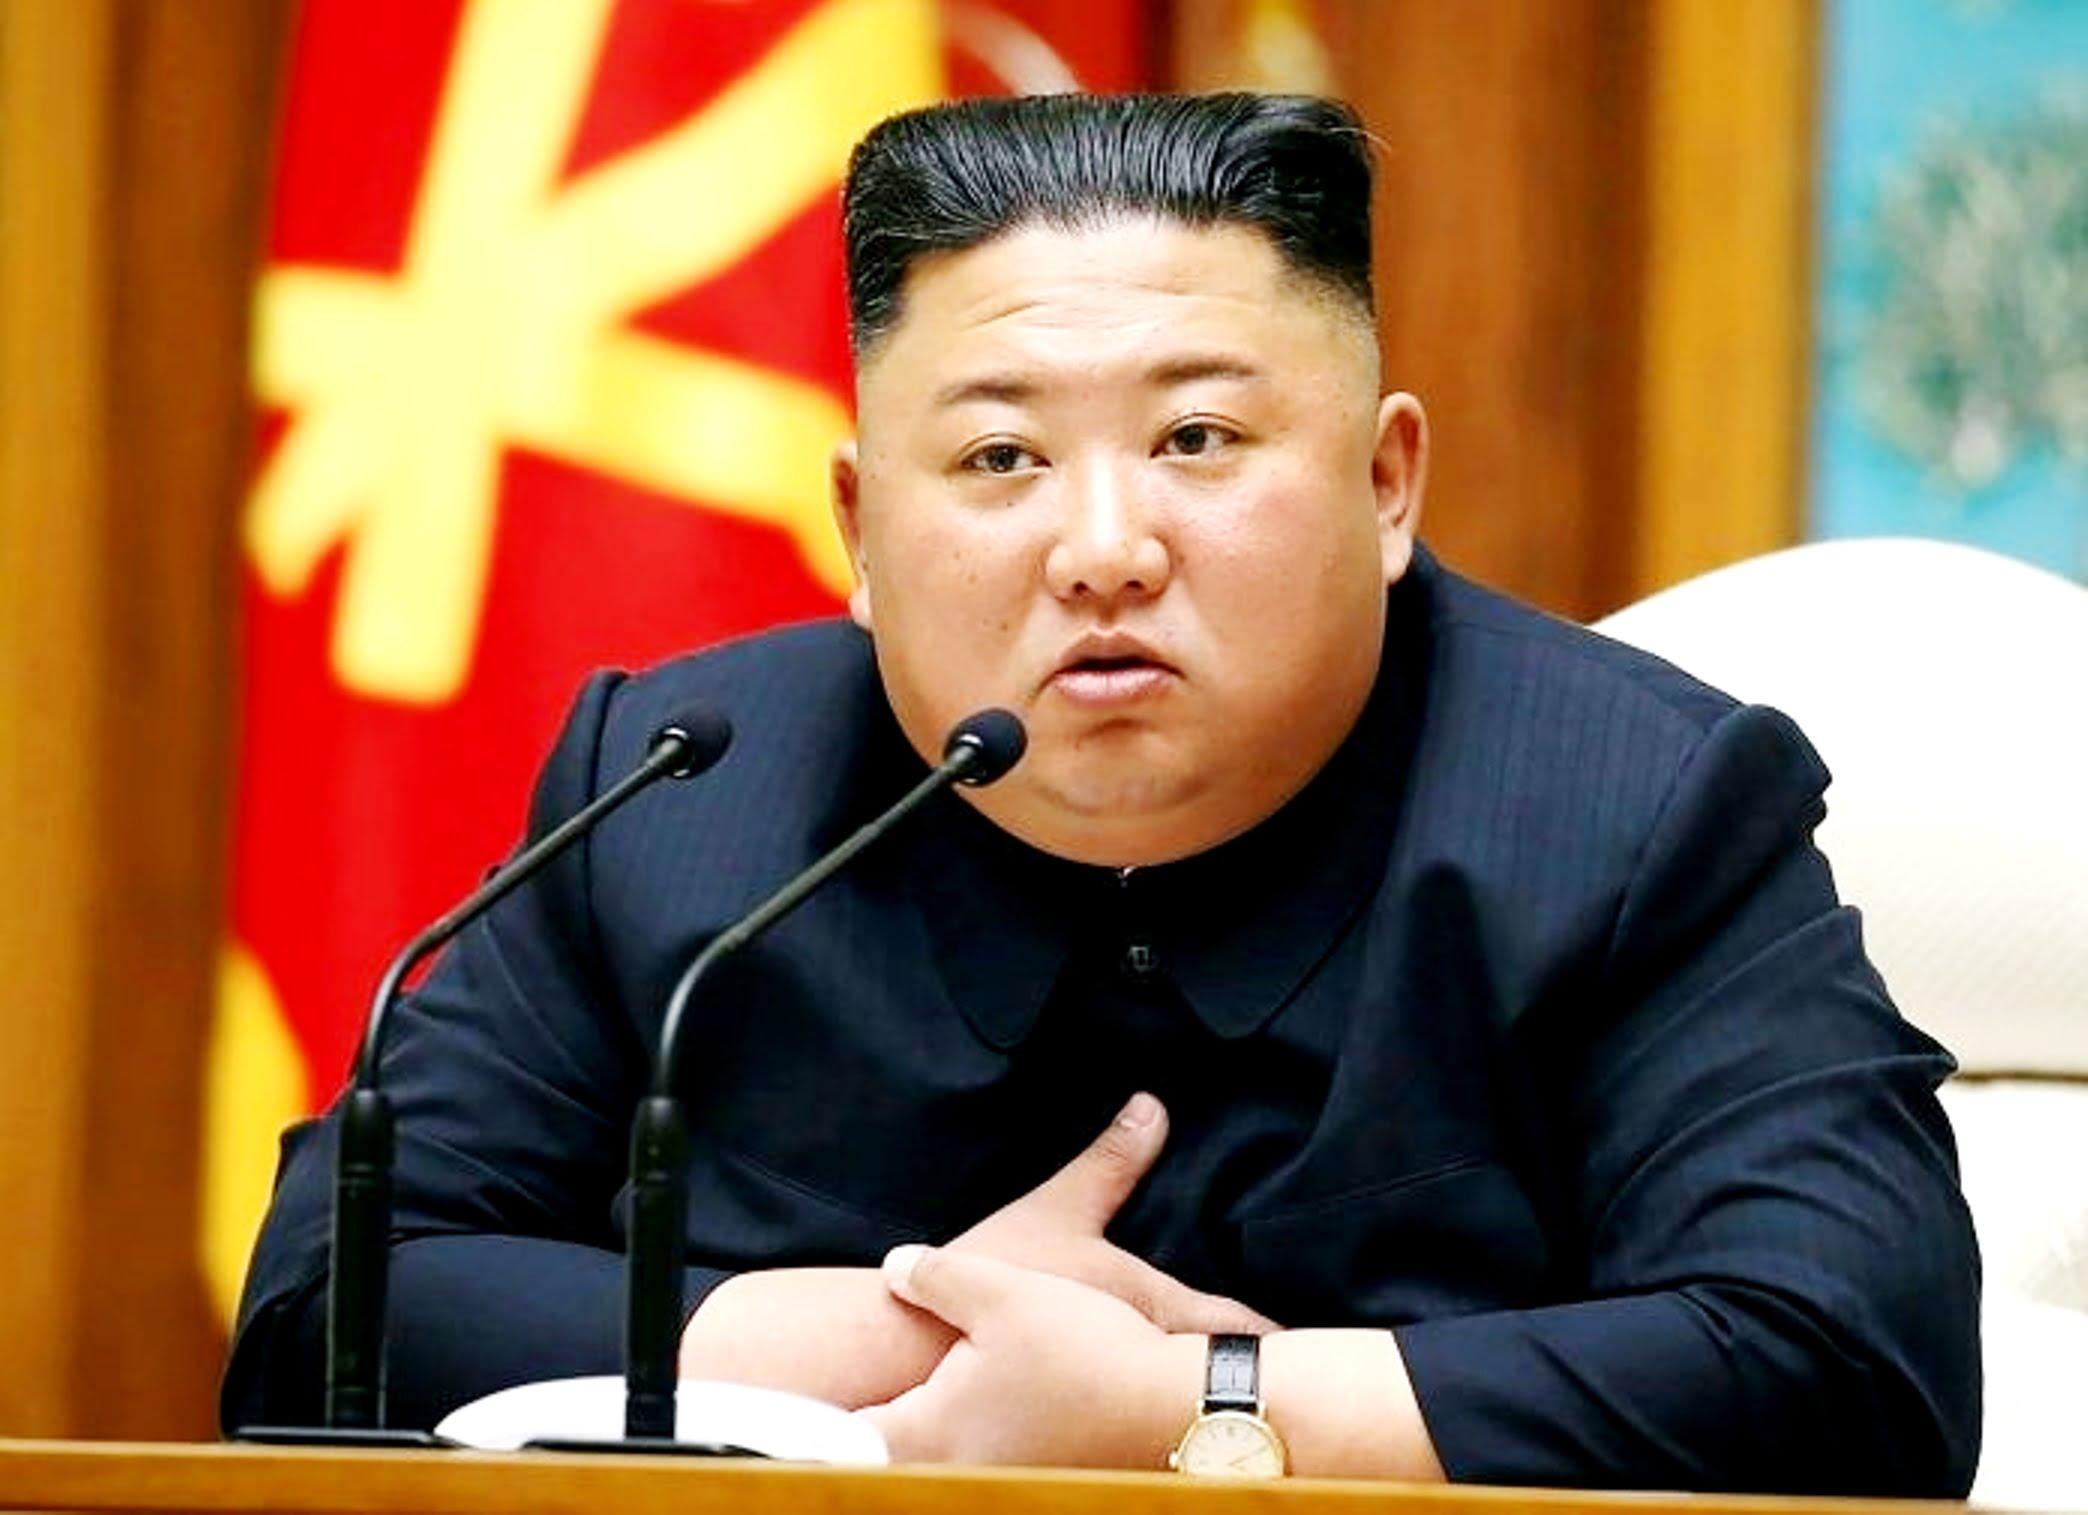 Βόρεια Κορέα – Εξαφάνιση και επανεμφάνιση του Kim Jong-Un, η κάτω πλευρά των χαρτιών